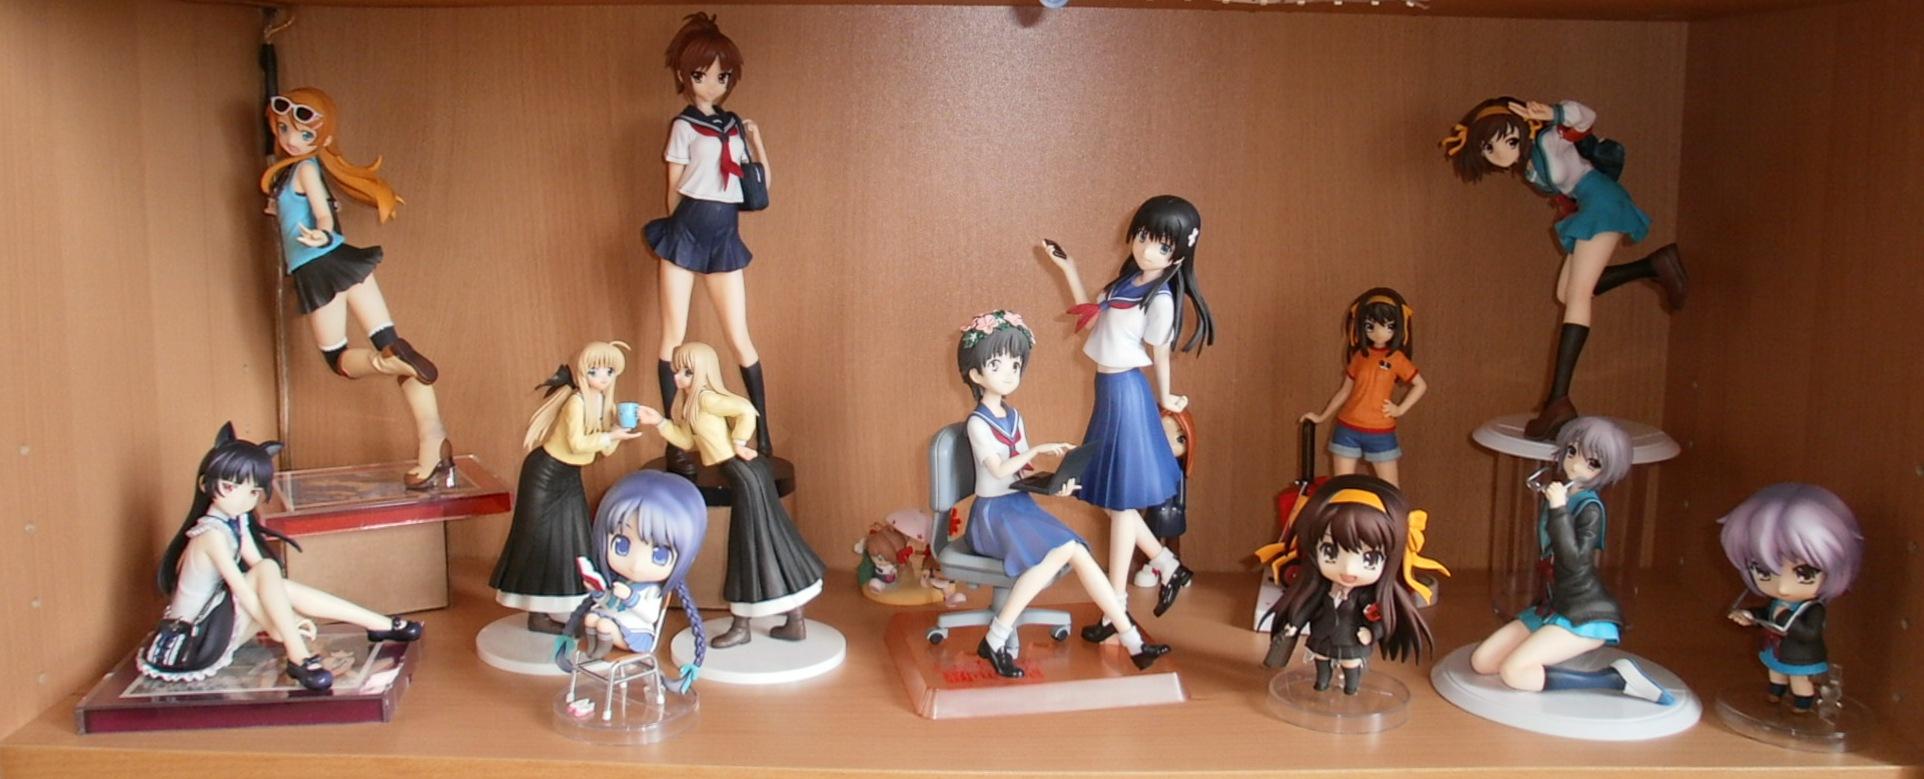 wave kotobukiya sega nendoroid alter good_smile_company bandai suzumiya_haruhi nagato_yuki reina chara-ani suzumiya_haruhi_no_yuuutsu to_aru_kagaku_no_railgun kimi_ga_nozomu_eien ascii_media_works tanaka_touji amano_tooko kousaka_kirino suzumiya_haruhi_no_shoushitsu bungaku_shoujo ore_no_imouto_ga_konna_ni_kawaii_wake_ga_nai nendoron udono_kazuyoshi ageta_yukiwo kiyohara_hidemasa hiroshi_(sakurazensen) inagaki_hiroshi mumei itou_noiji tanigawa_nagaru fio gsi_creos baby_sue pinky:st gokou_ruri kawashima_minami moshidora treasure_figure_collection suzumiya_haruka kojima_shou saten_ruiko uiharu_kazari futakoi_alternative shirogane_souju shirogane_sara